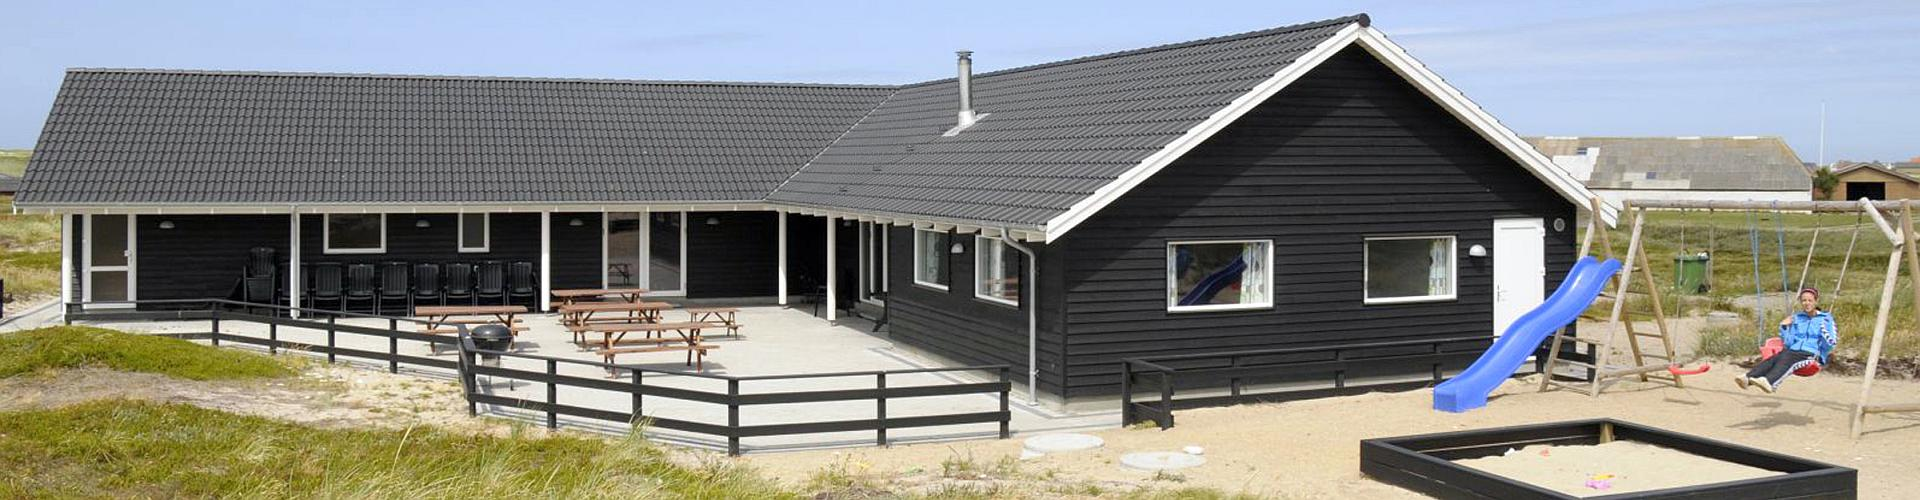 Ferienhaus mieten in Dänemark